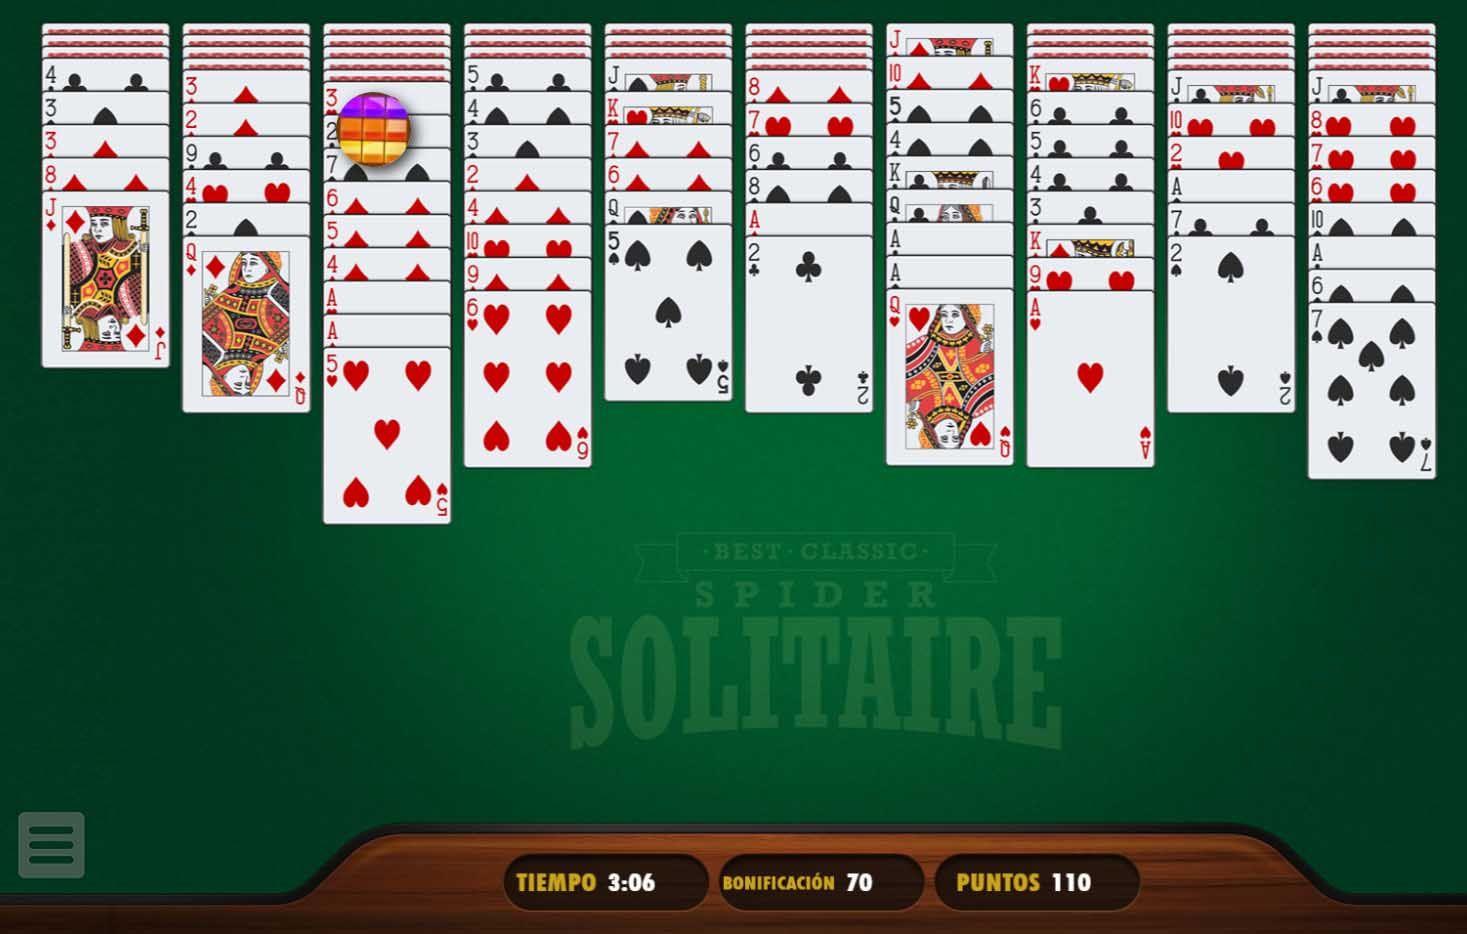 pantalla distrito Pionero  Solitario Spider Gratis - Solitario Spider Arkadium | Solitario, Juegos de  cartas, Juego de naipes